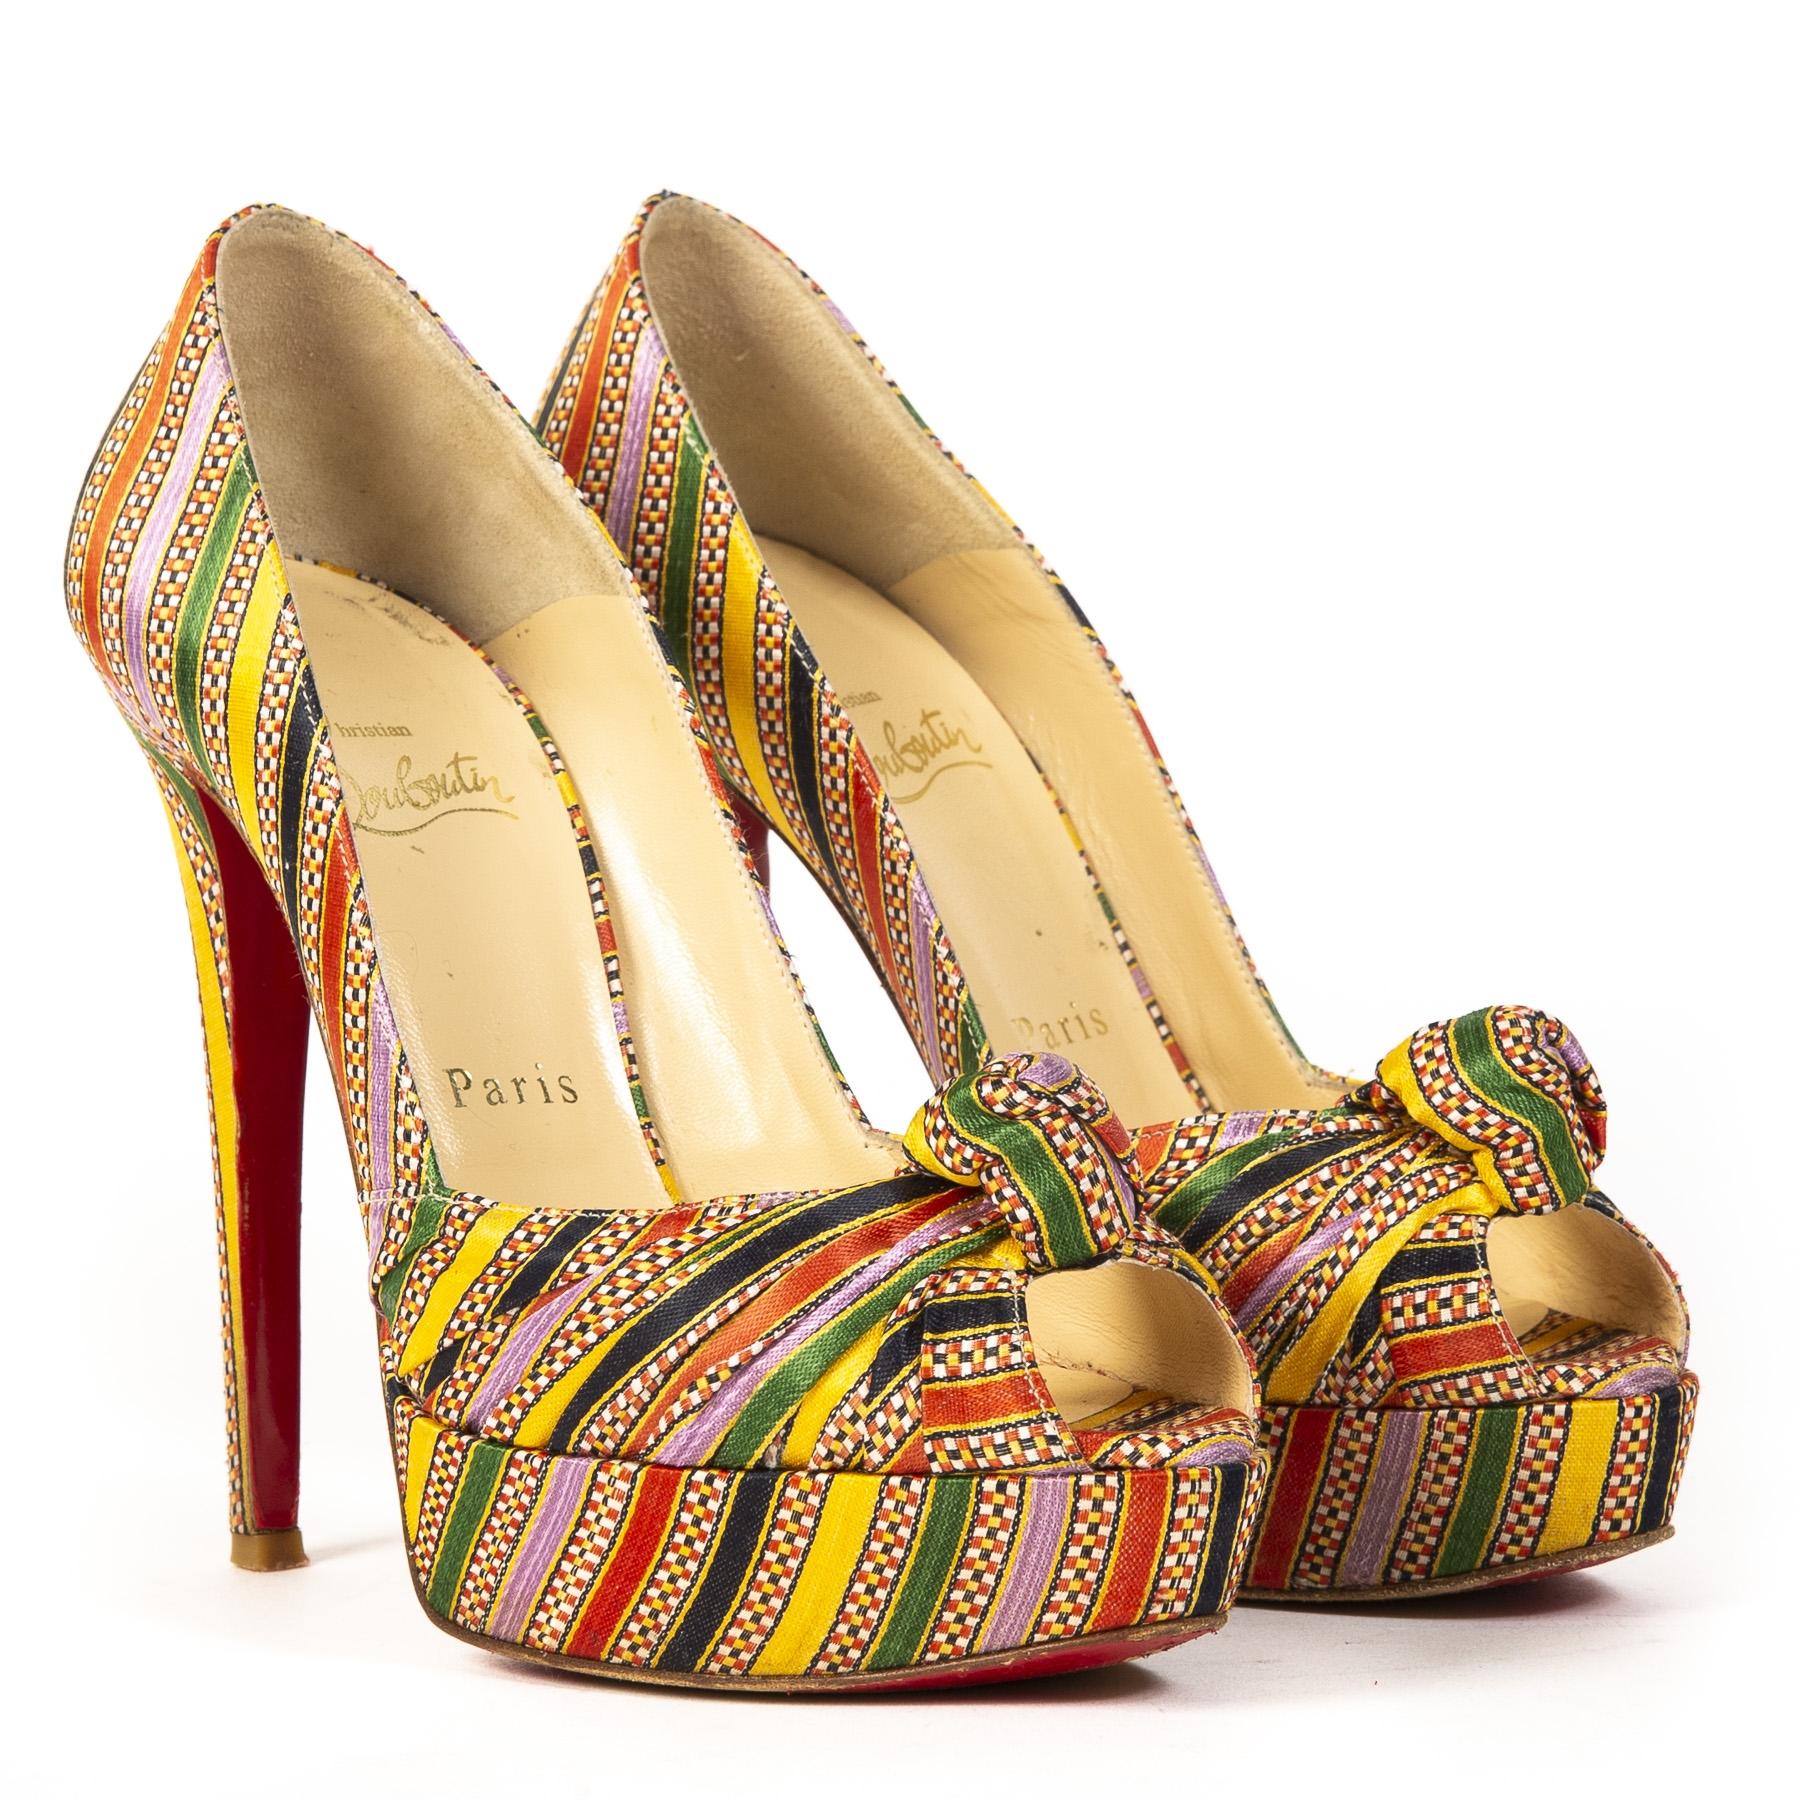 Christian Louboutin Multicolor Platform Heels kopen en verkopen aan de beste prijs bij Labellov